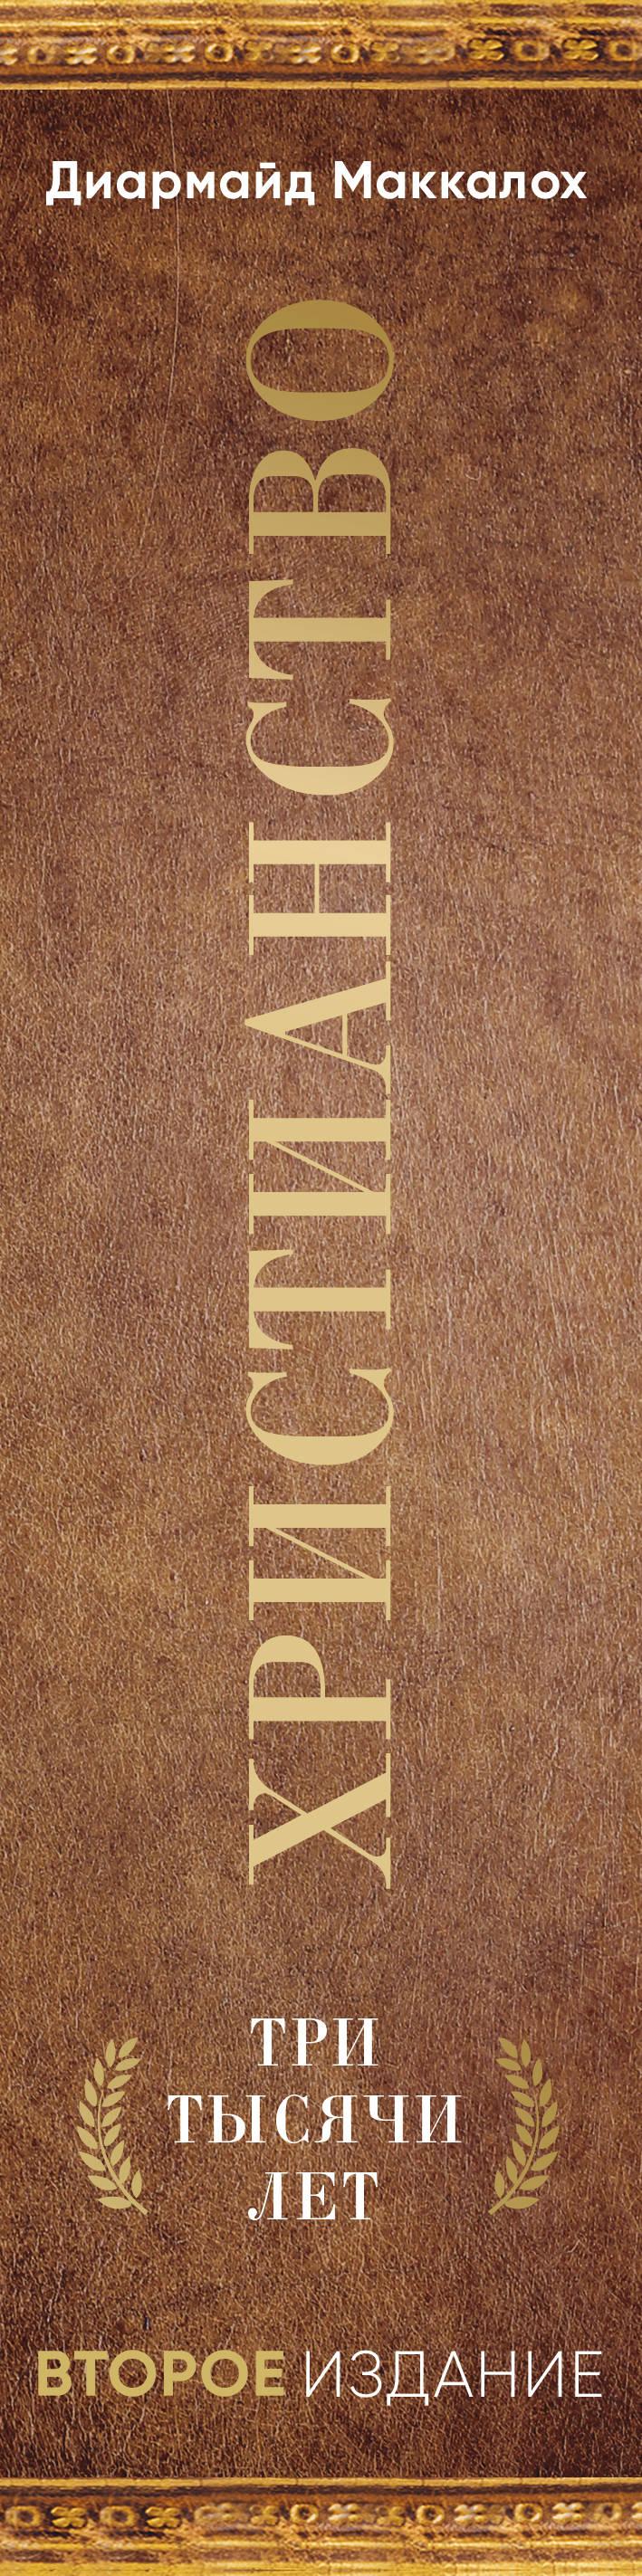 Маккалох Диармайд. Христианство. Три тысячи лет. Второе издание (оф.1, золот.) 0x0